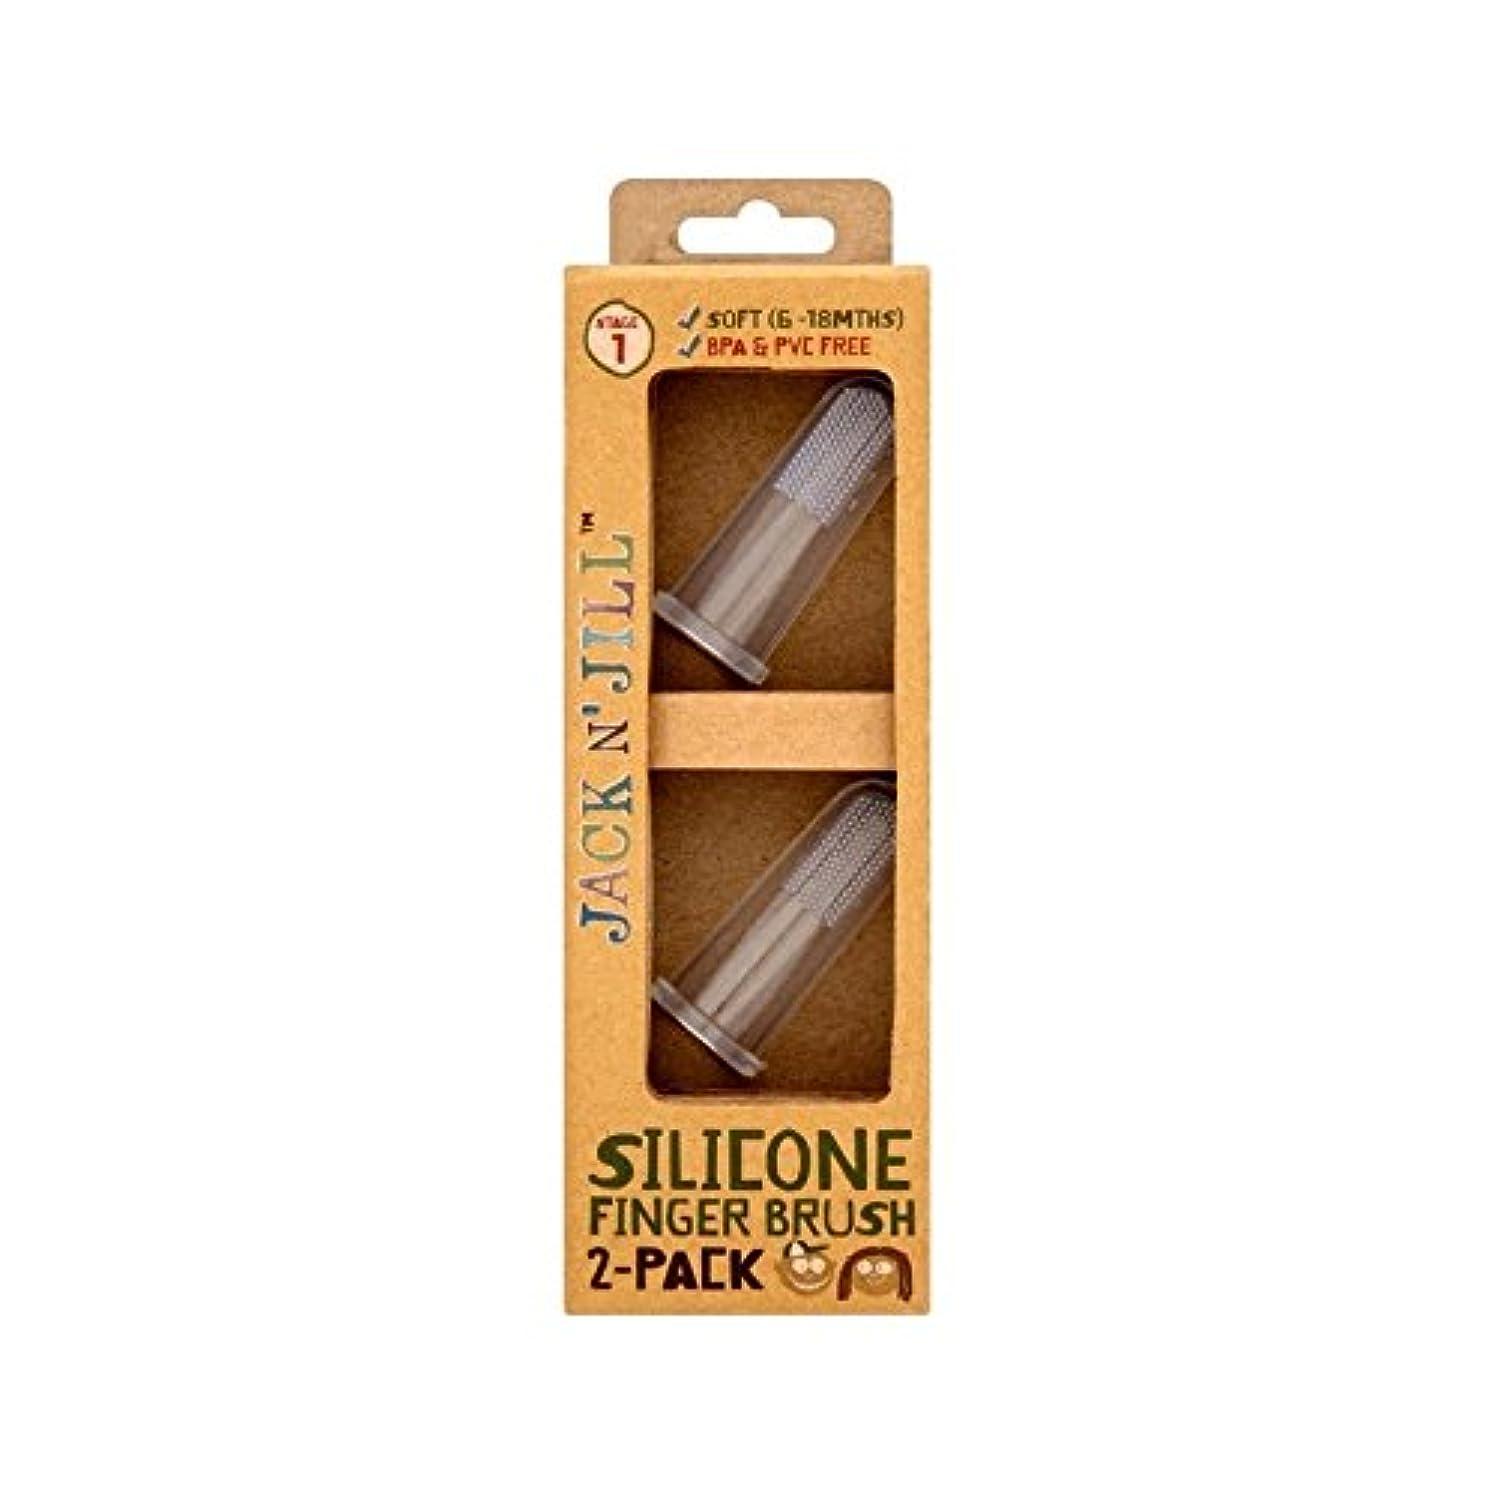 代名詞鳴り響く国家シリコーン指ブラシ2パックあたりパック2 (Jack N Jill) (x 4) - Jack N' Jill Silicone Finger Brush 2 Pack 2 per pack (Pack of 4) [並行輸入品]